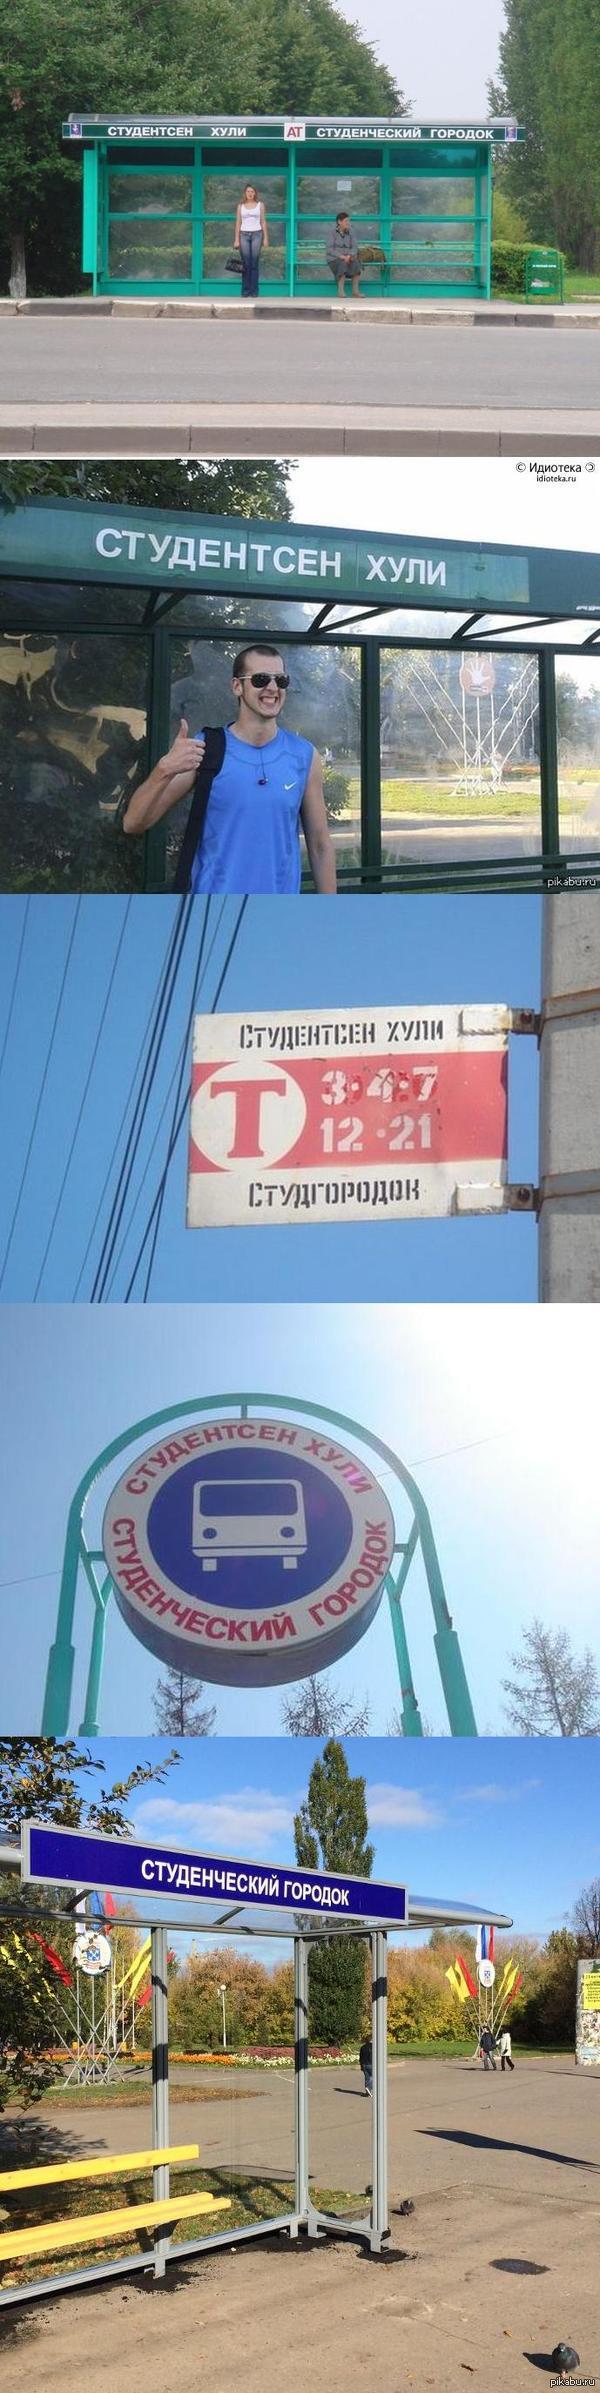 """Хули - такой остановки больше нет По мотивам <a href=""""http://pikabu.ru/story/ostanovka_1422001"""">http://pikabu.ru/story/_1422001</a>  Всё потому что чувашские наименования остановок на новых павильонах оказались лишними"""